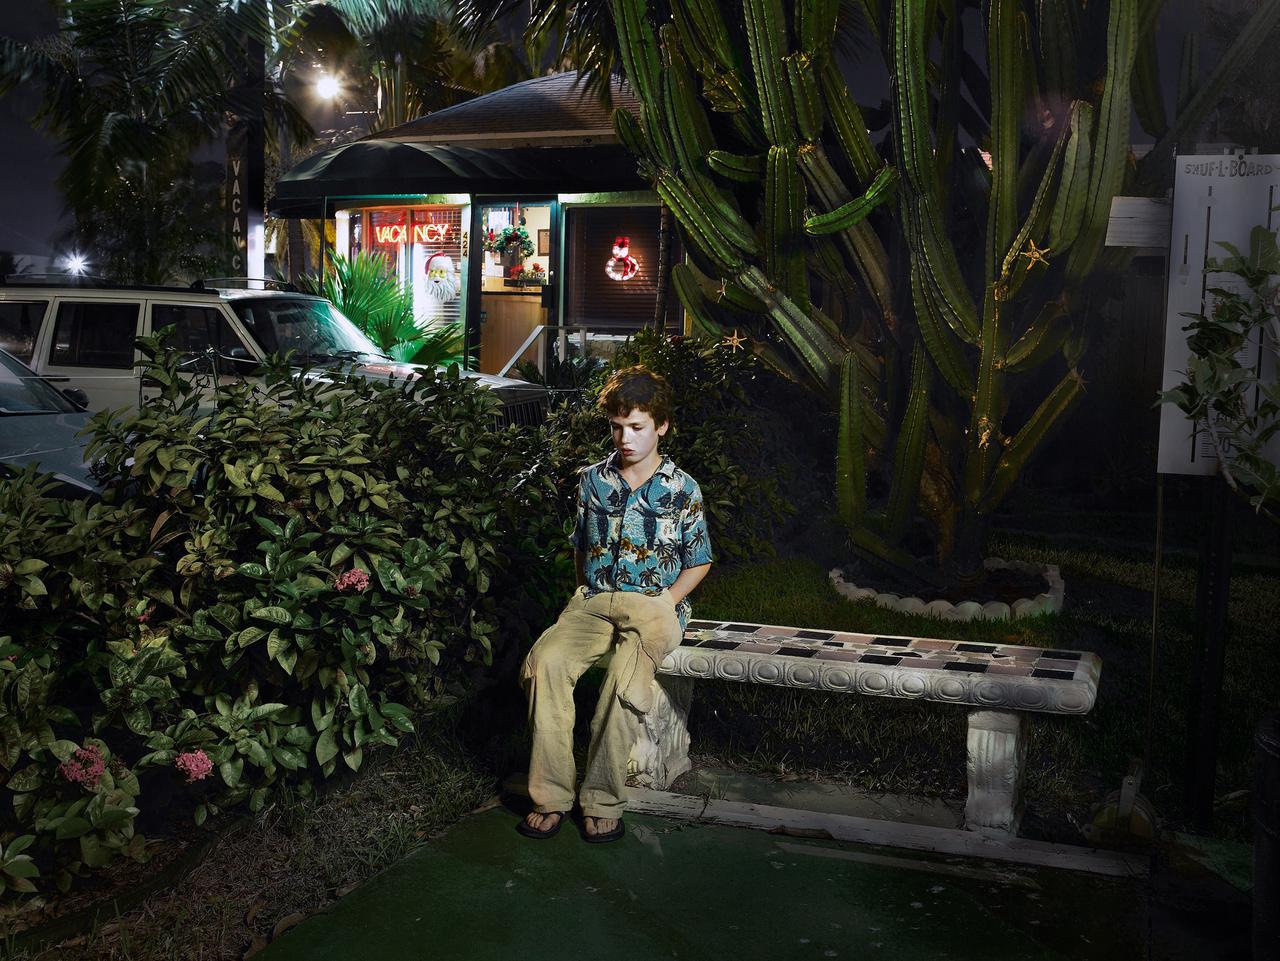 North Miami Boy / American Idler / 2009